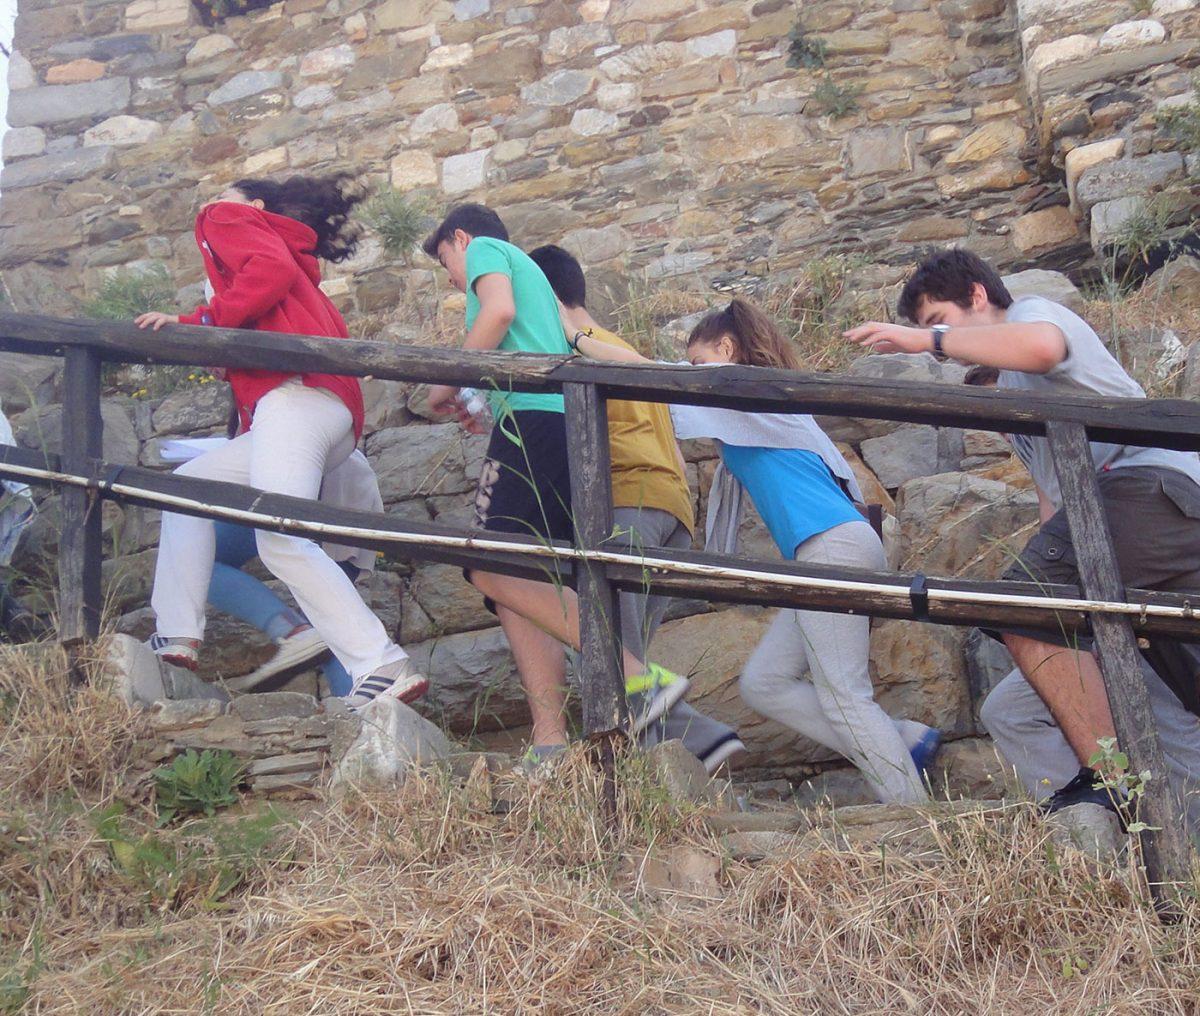 Εικ. 11. Ανεβαίνοντας στο Κάστρο. Πίσω από τους μαθητές είναι ορατές οι δύο οικοδομικές φάσεις του τείχους.